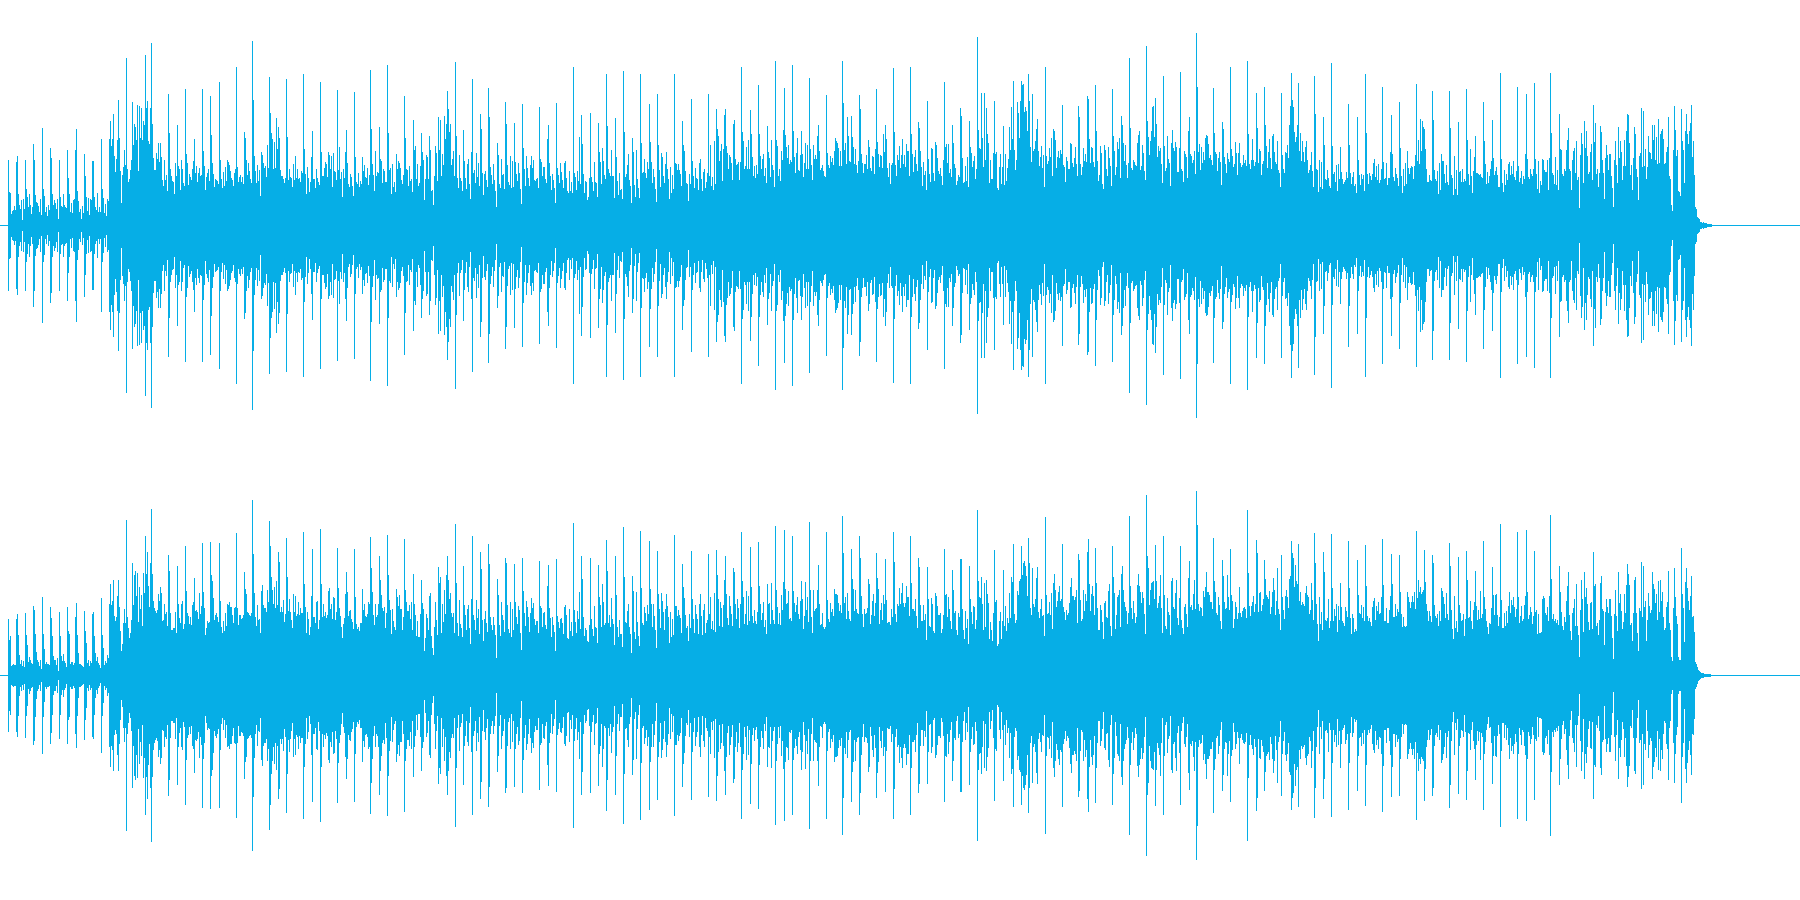 不滅のイケイケ哀愁味ユーロ・ビートの再生済みの波形